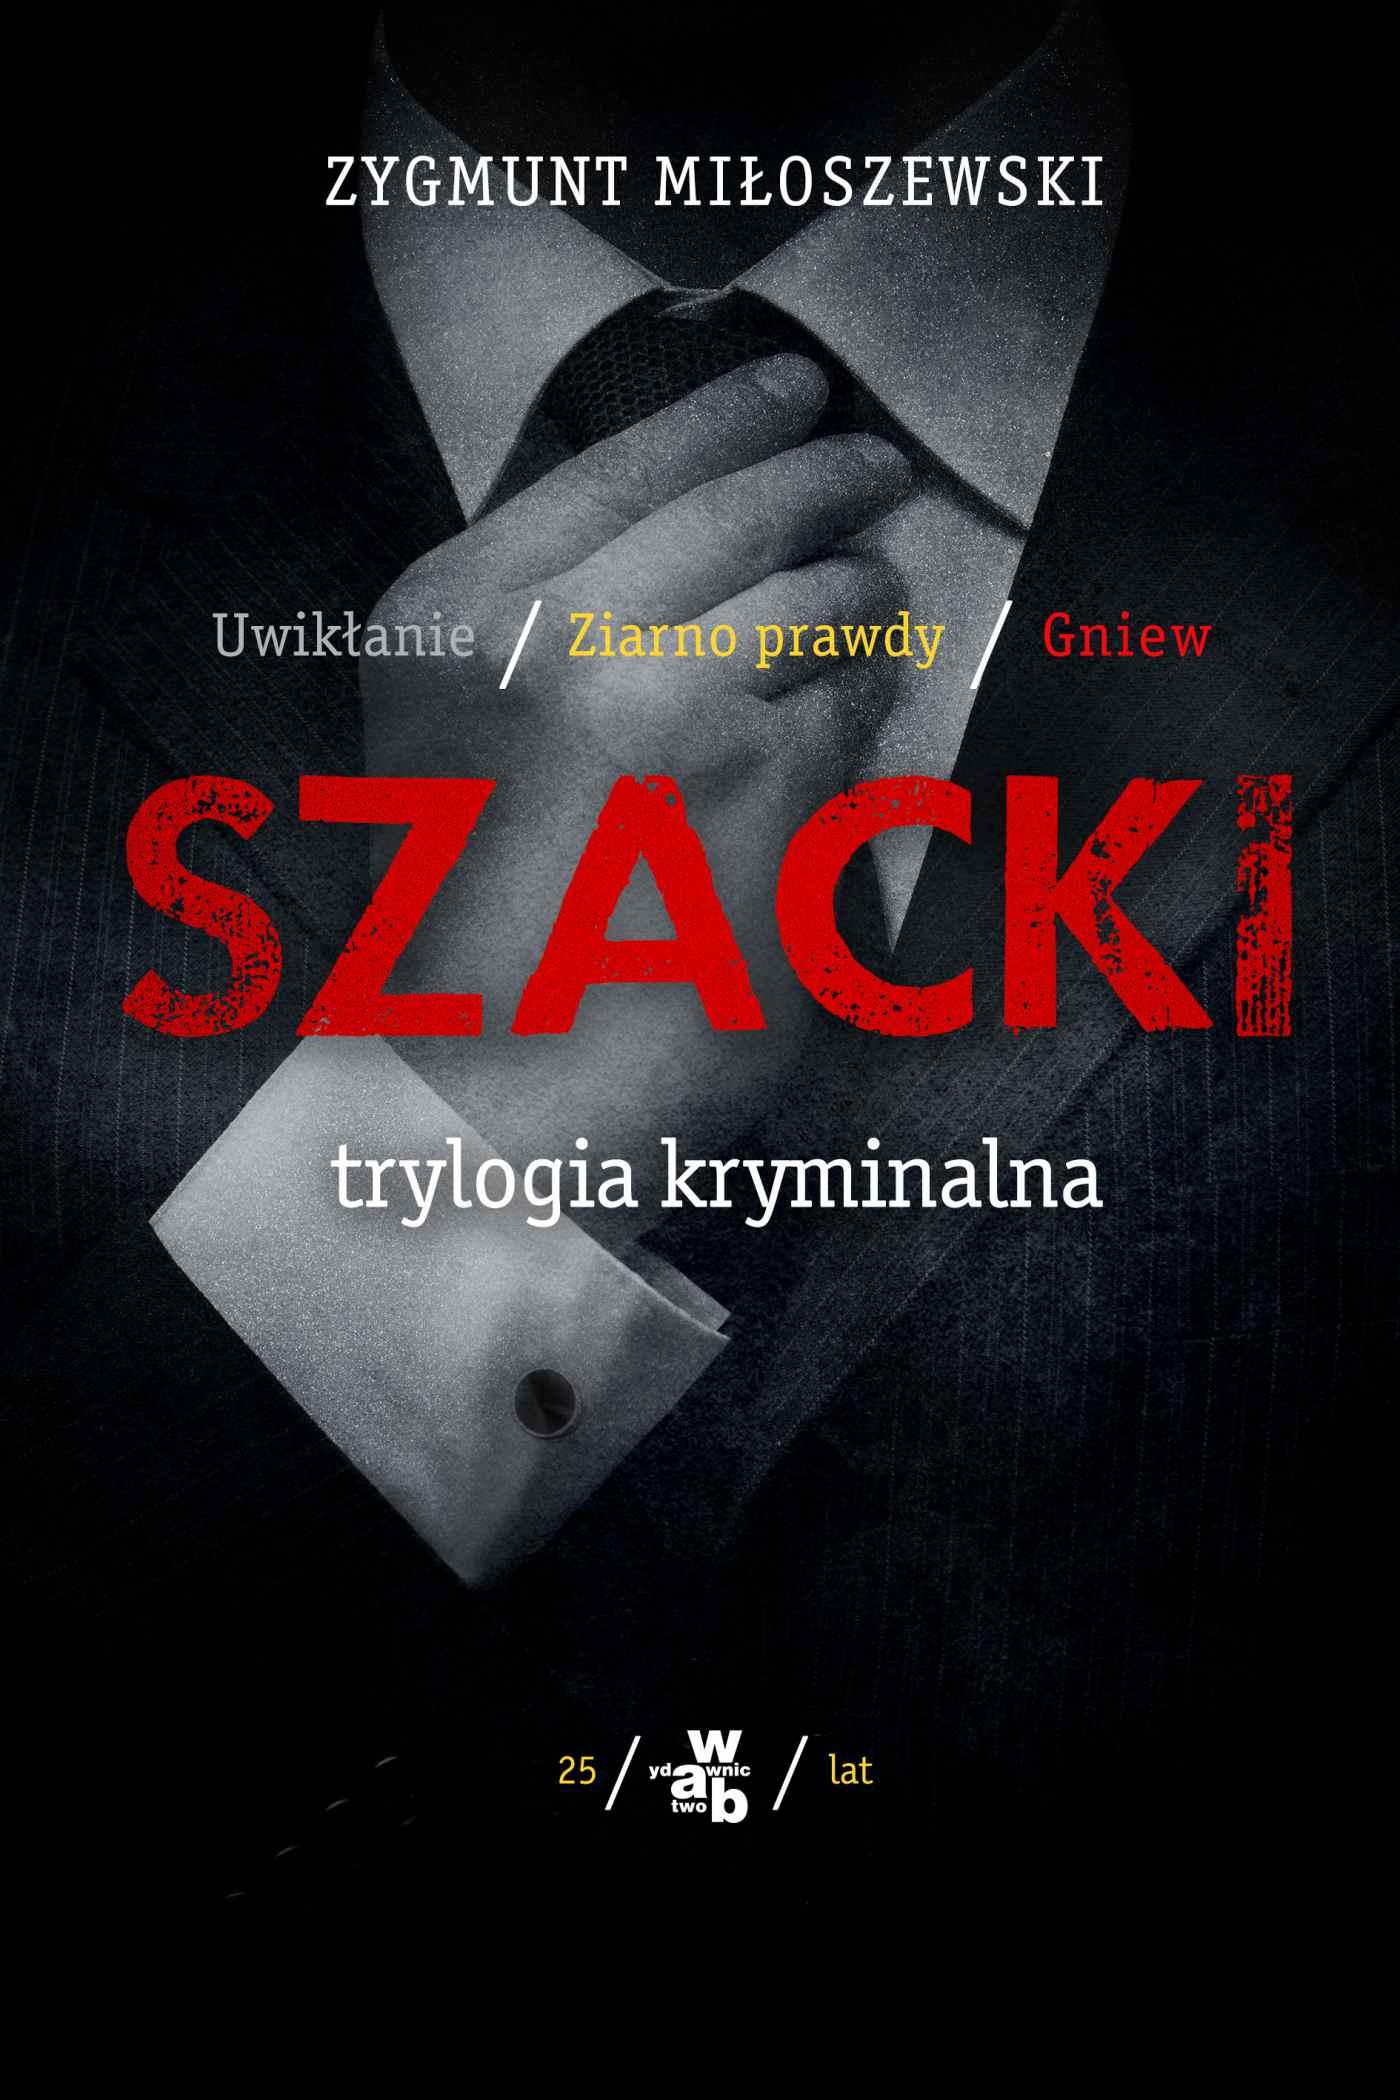 Szacki. Trylogia kryminalna - Ebook (Książka EPUB) do pobrania w formacie EPUB